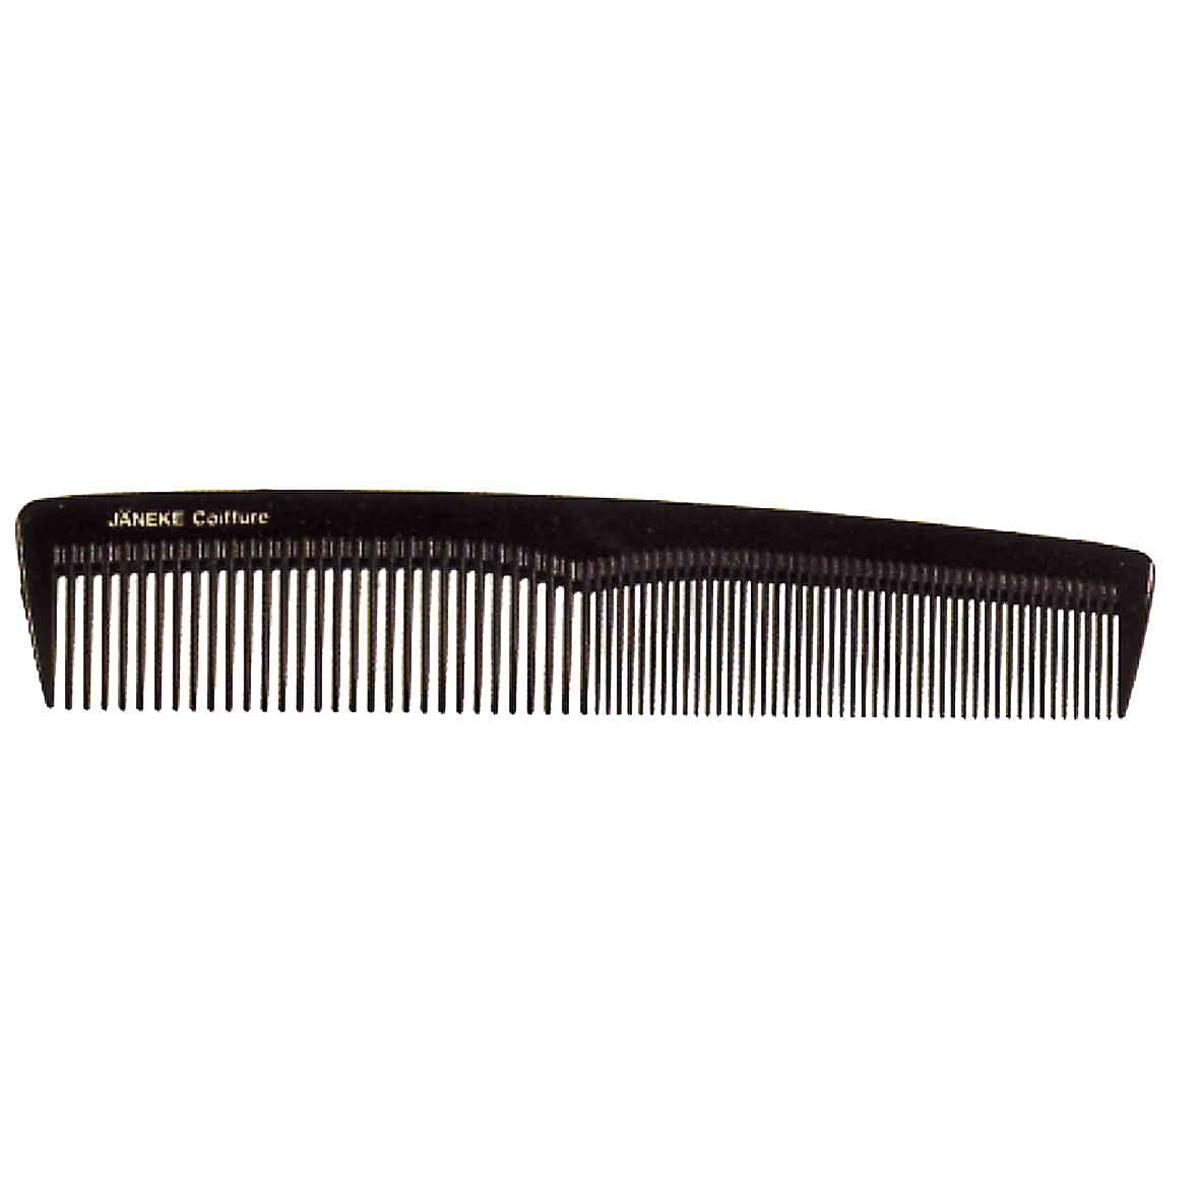 Janeke Расческа для волос. 57803